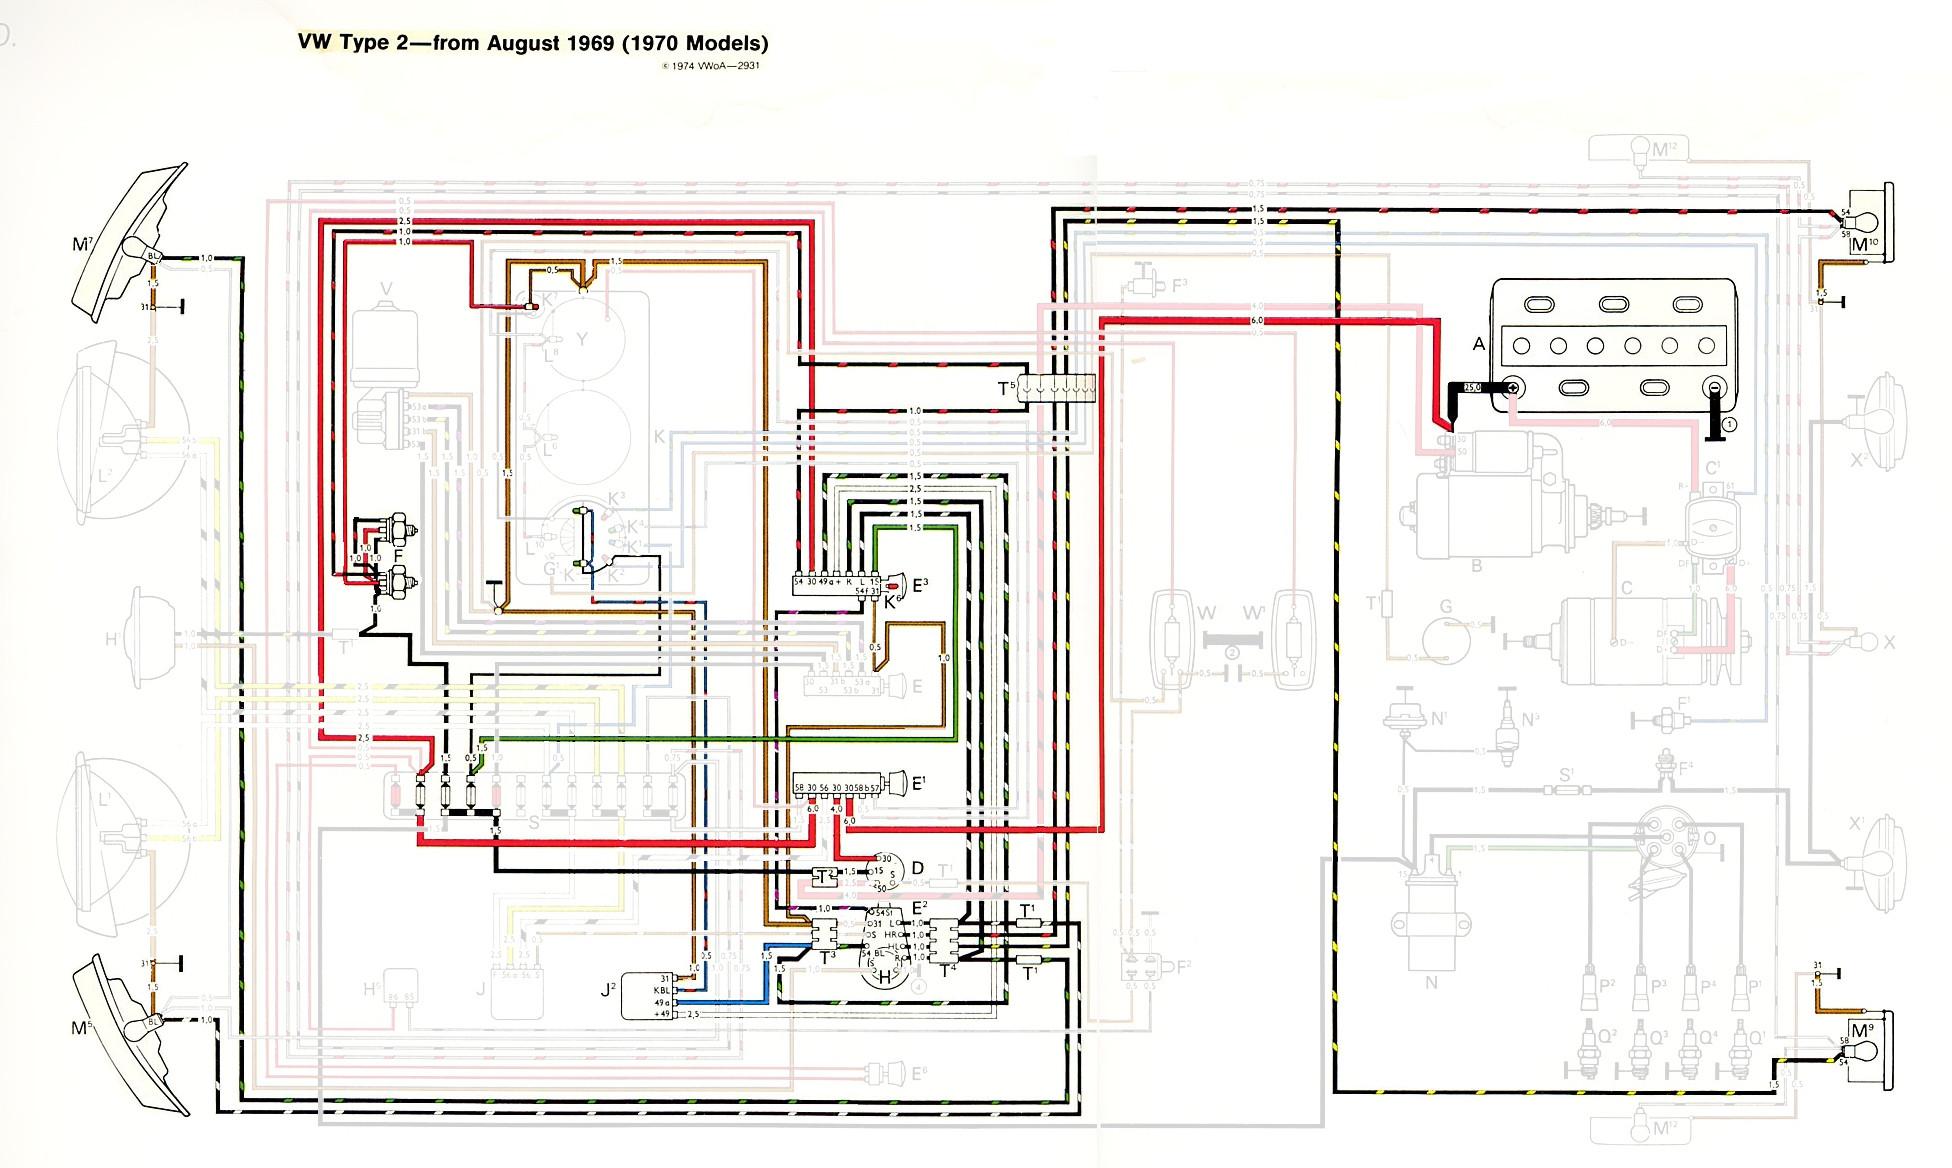 ME_9375] Thomas Bus Wiring Diagrams For The Alt Wiring Diagraminki.hroni.aidew.illuminateatx.org